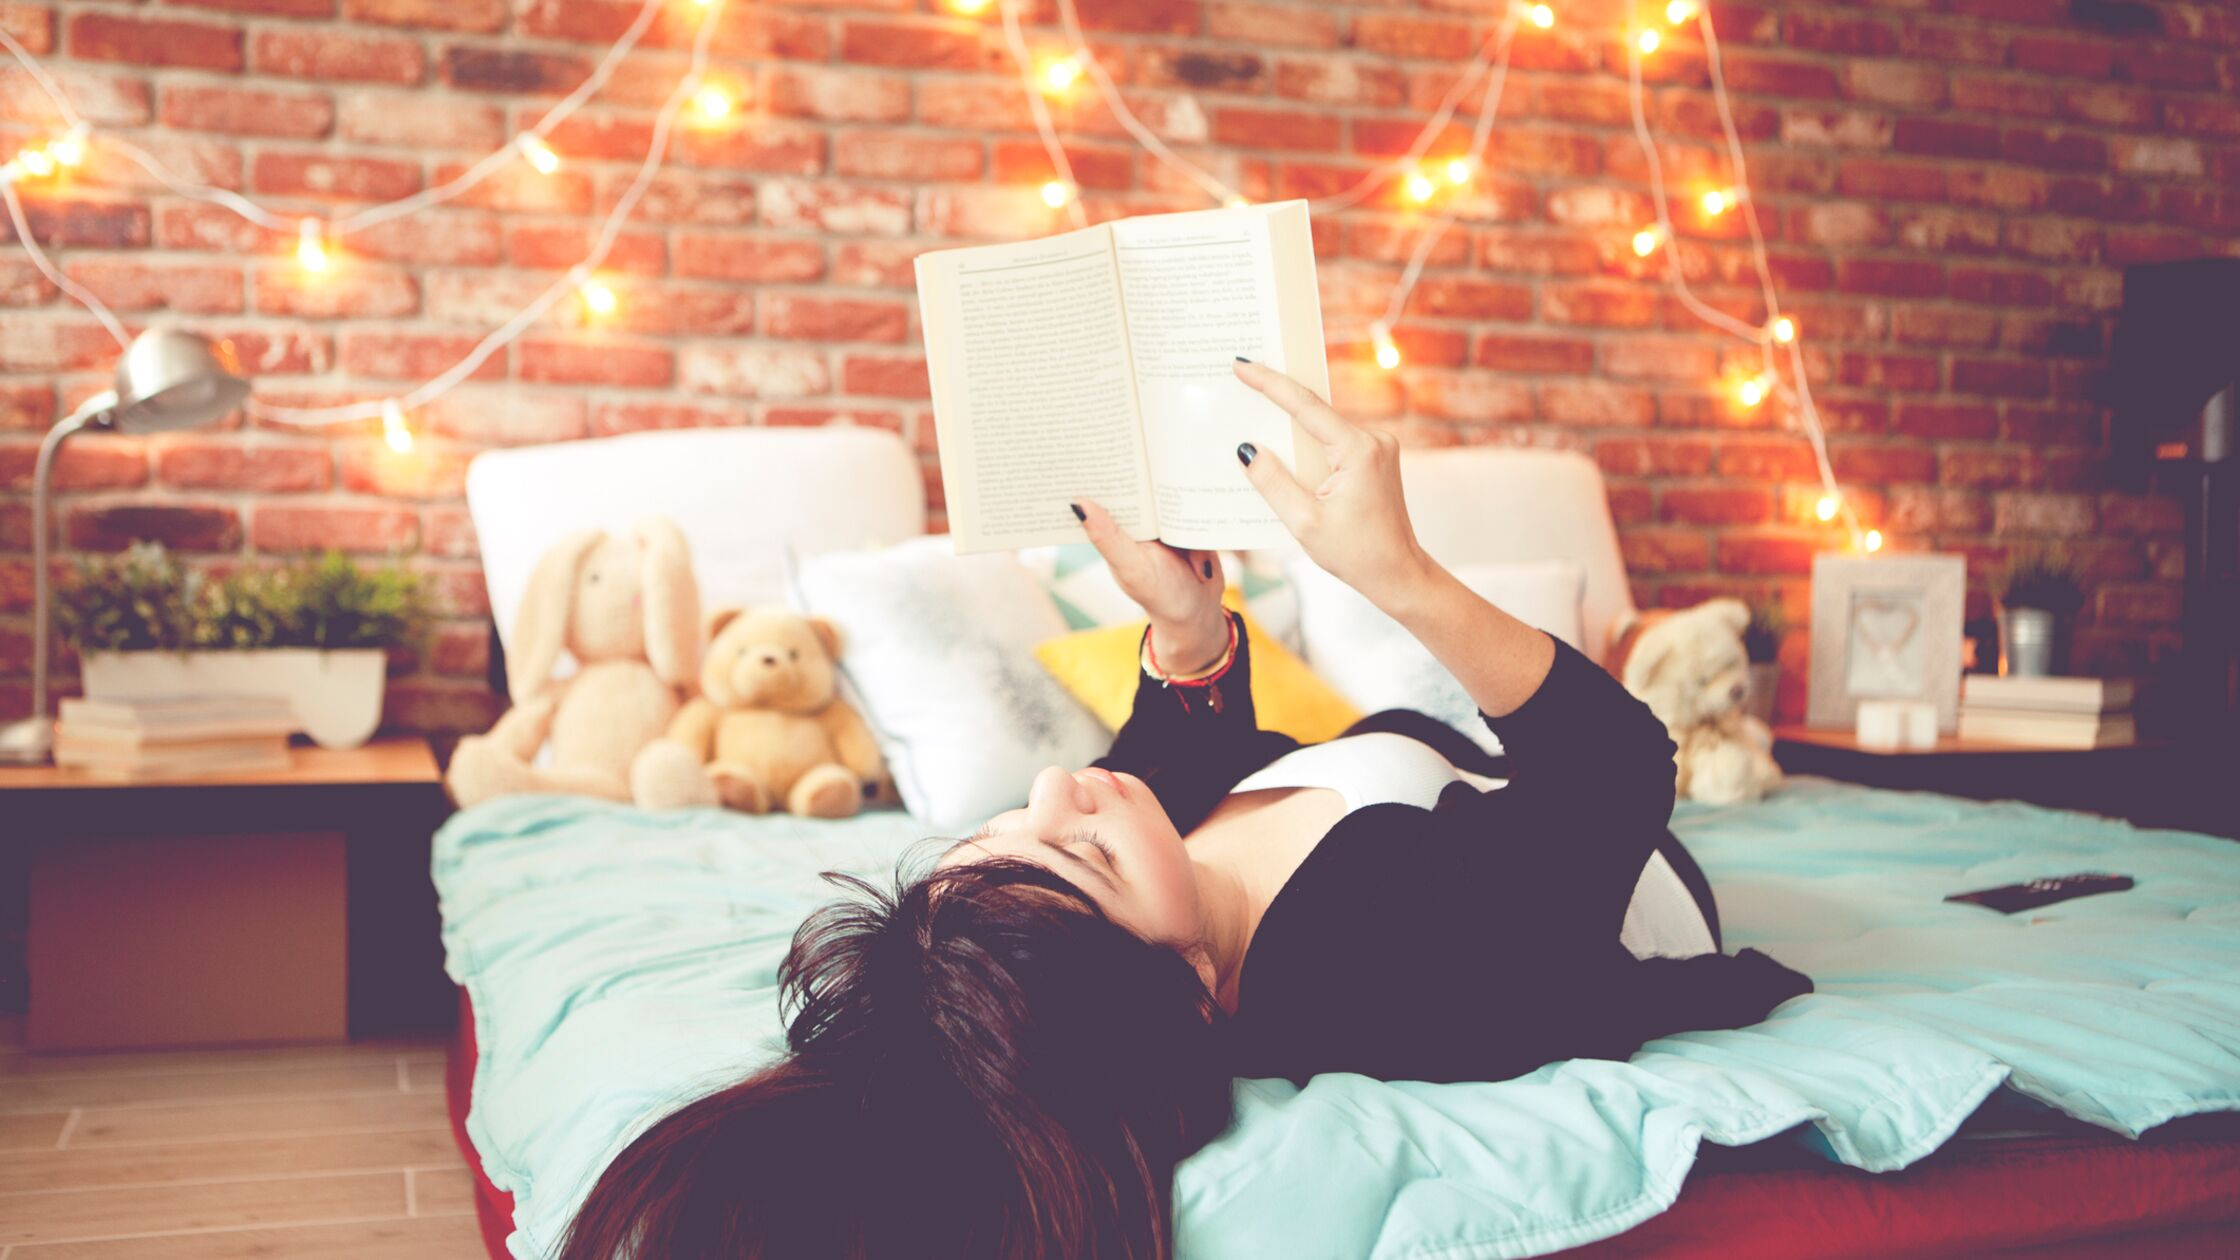 Frau liegt auf einem Jugendzimmer-Bett und liest